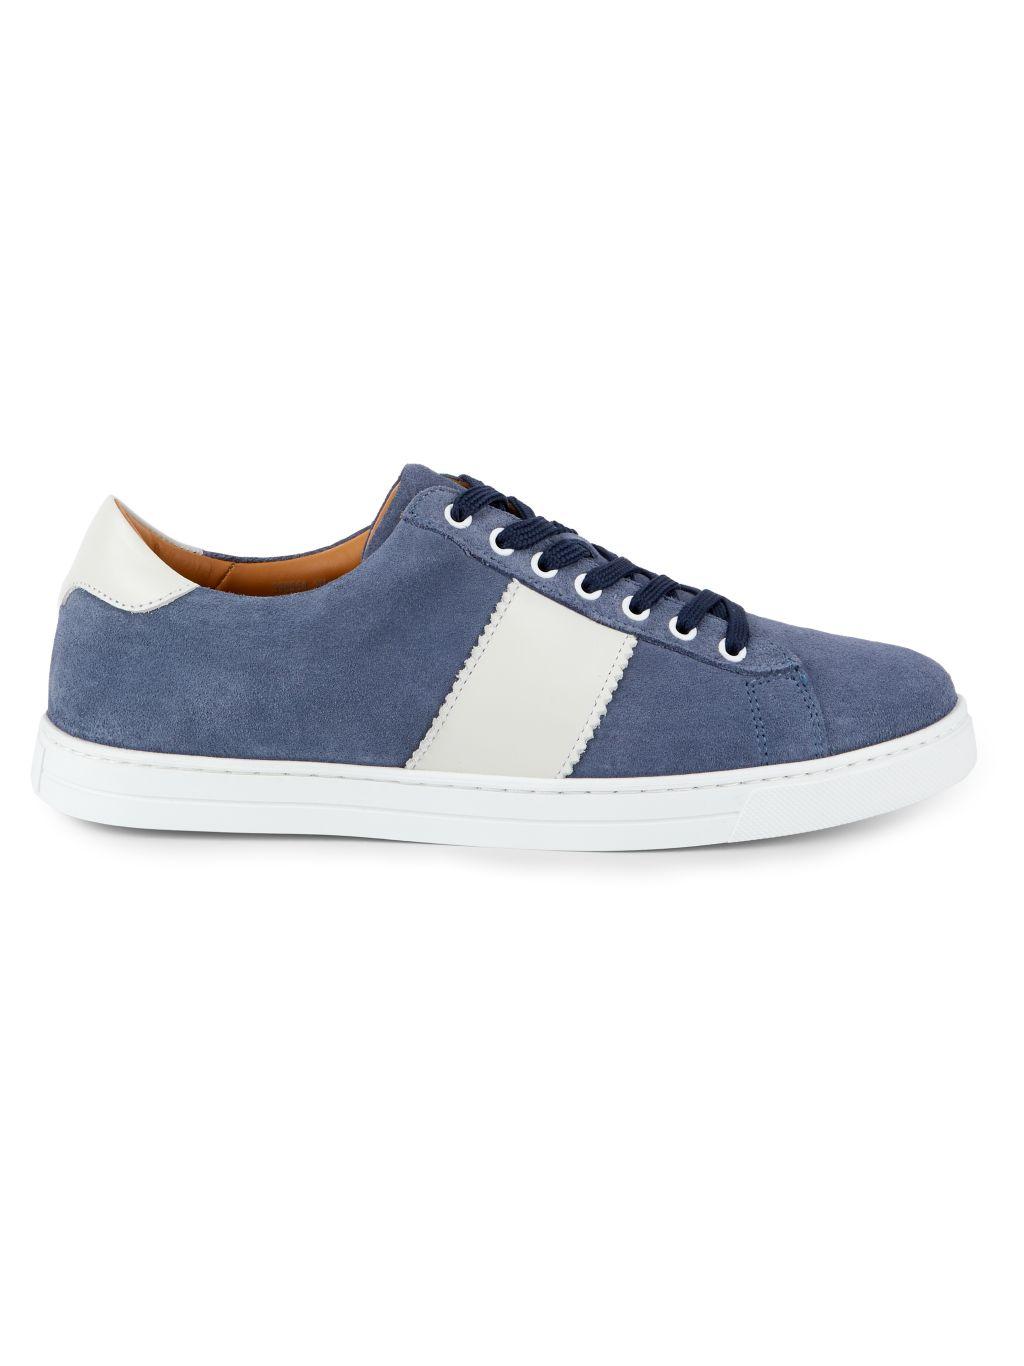 Aquatalia Joshua Suede Sneakers